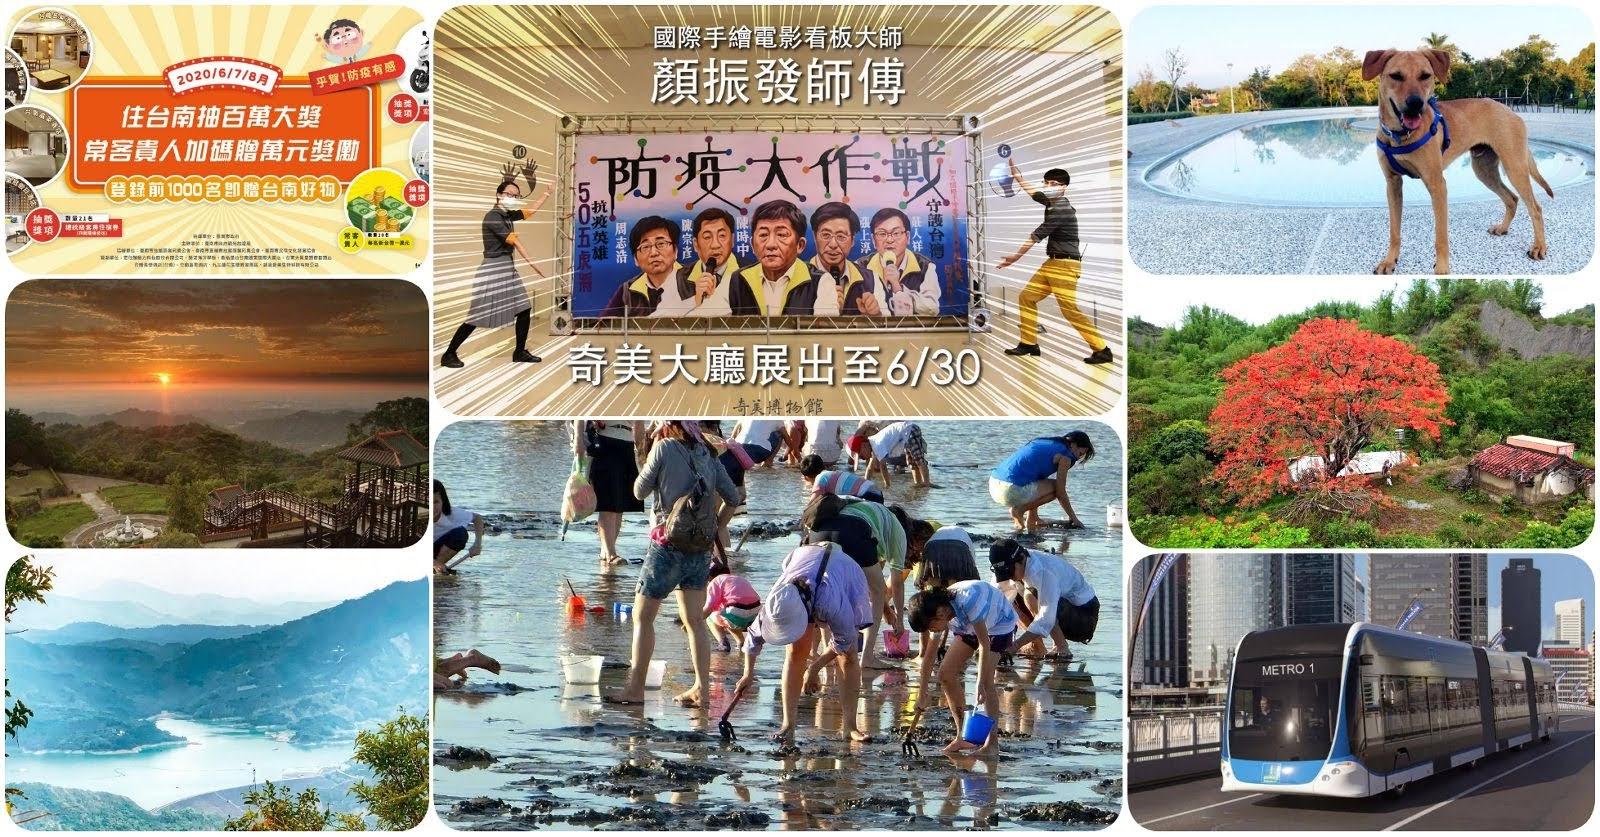 [活動] 2020 6/12-6/14 台南週末活動整理|本週資訊數:67